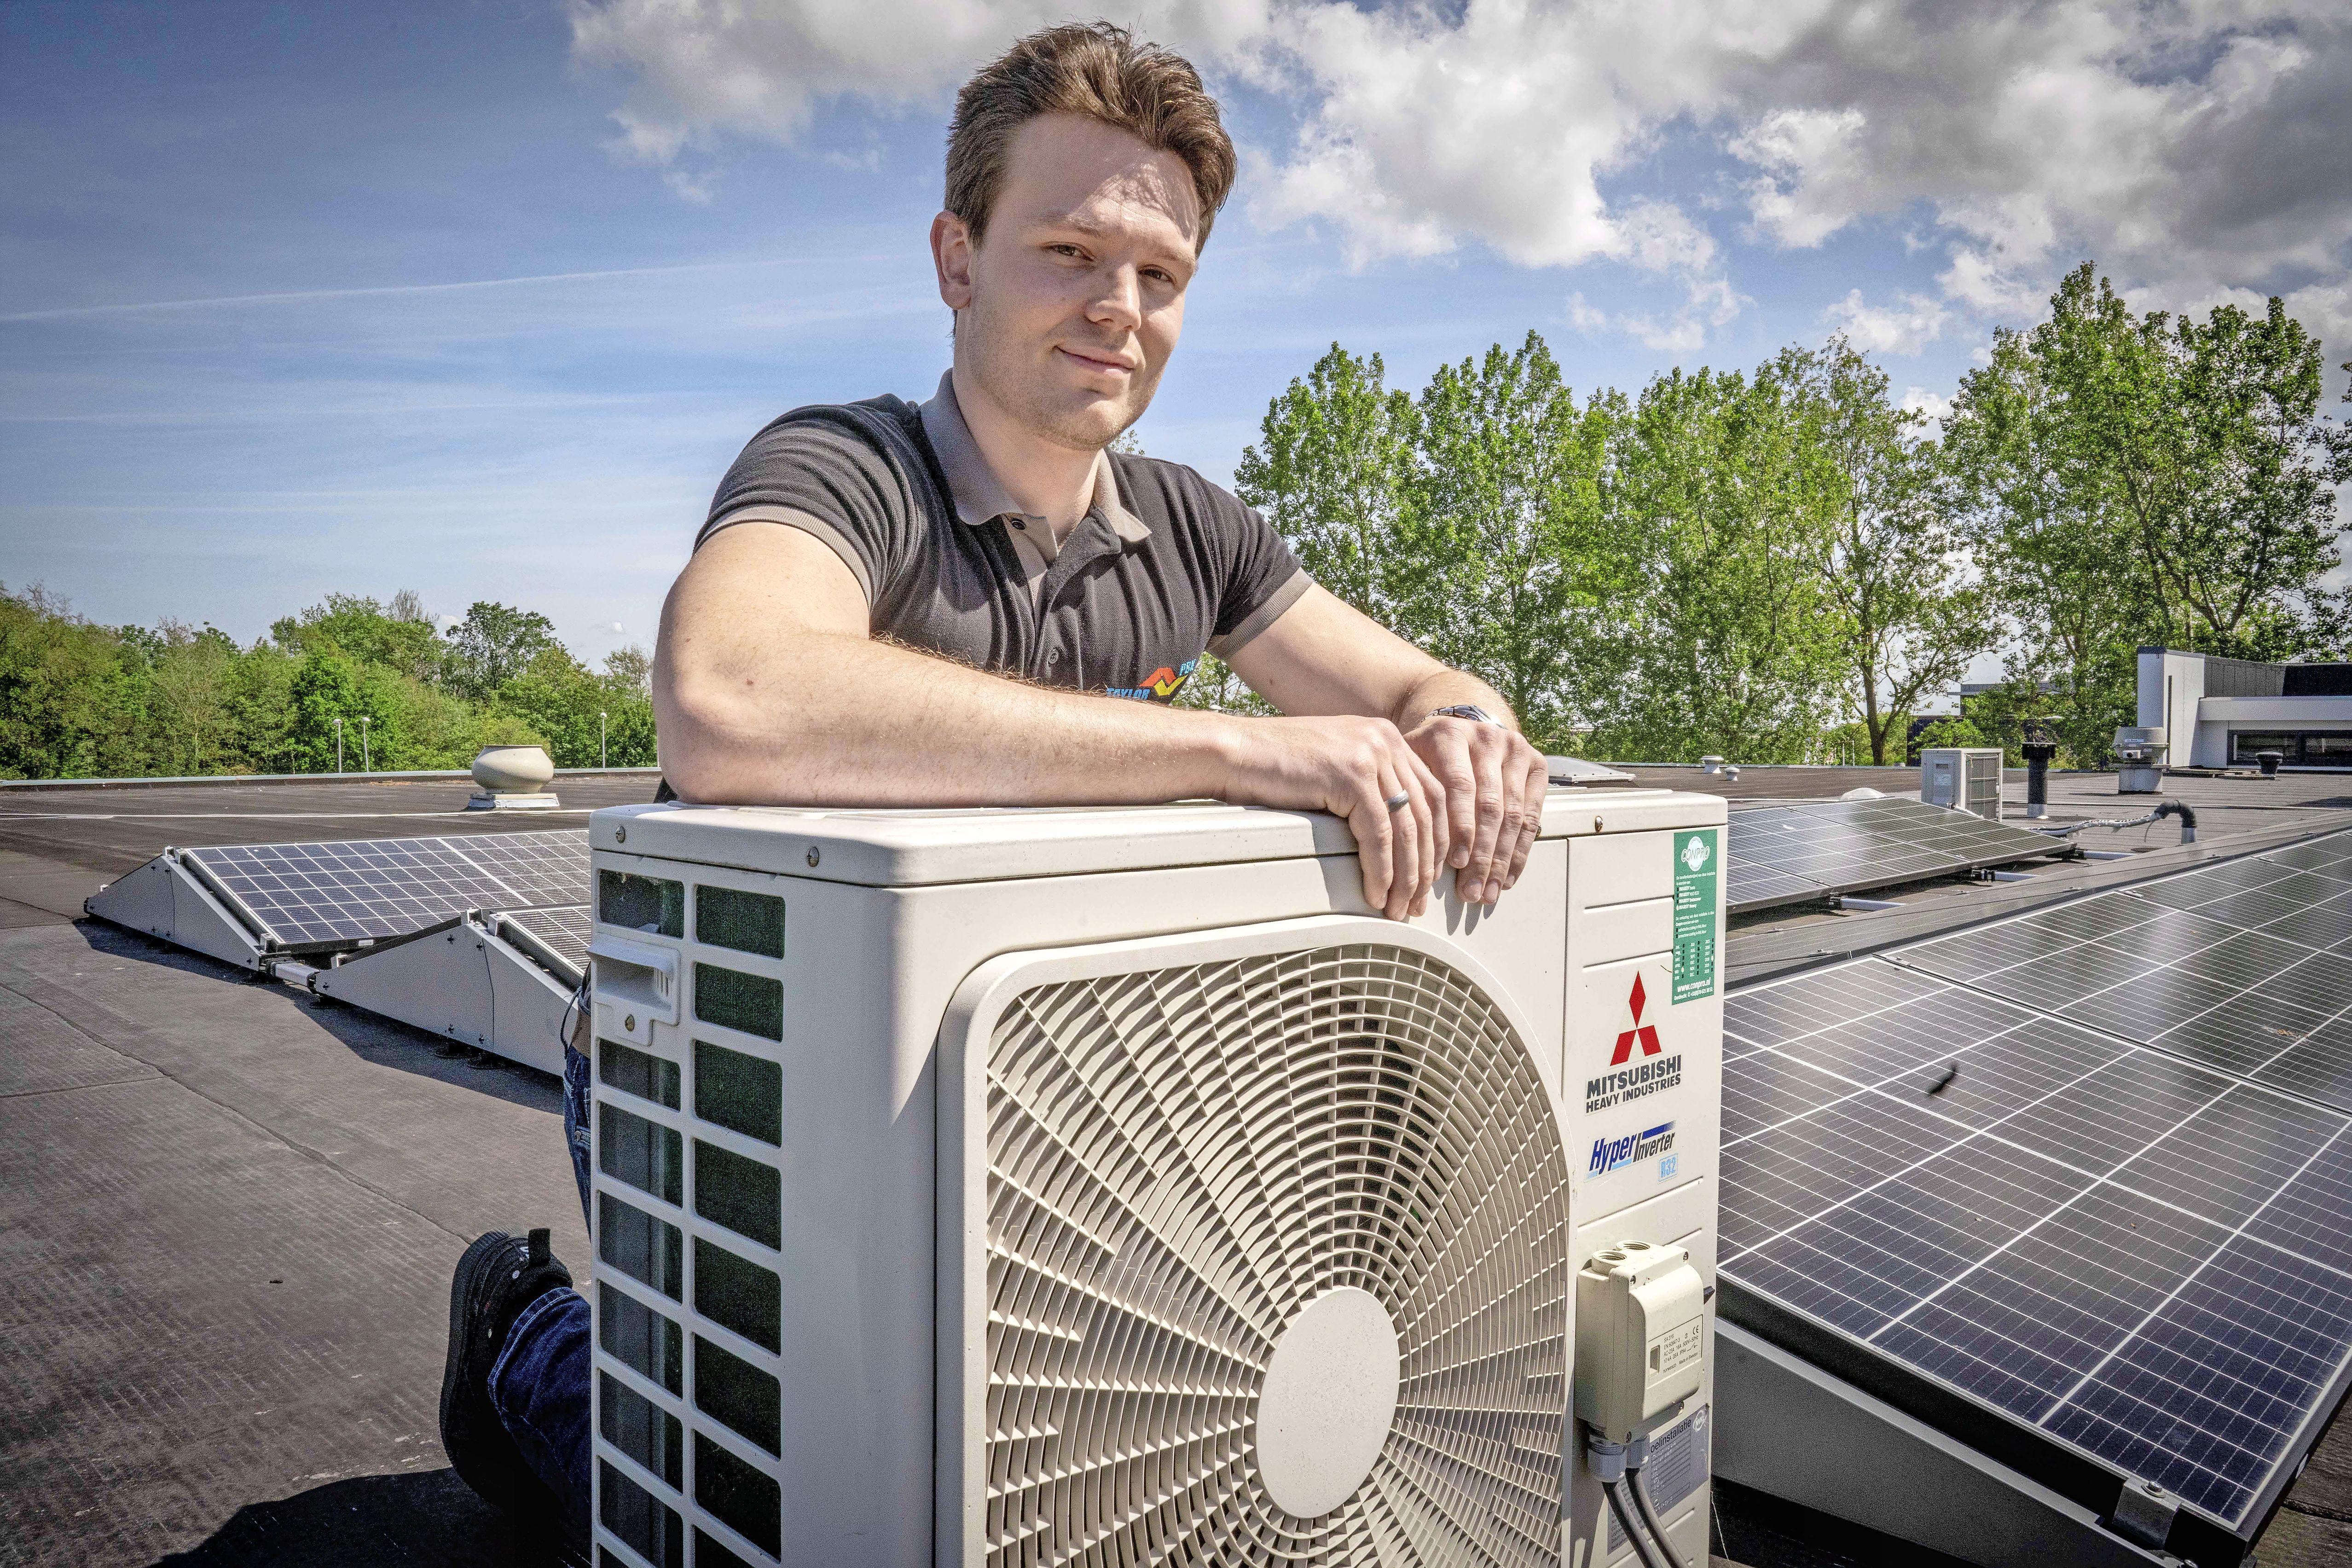 Installateurs maken zich op voor topdrukte in het aircoseizoen. 'In de zomer kan het wel een maand duren voordat ik bij je langskom'